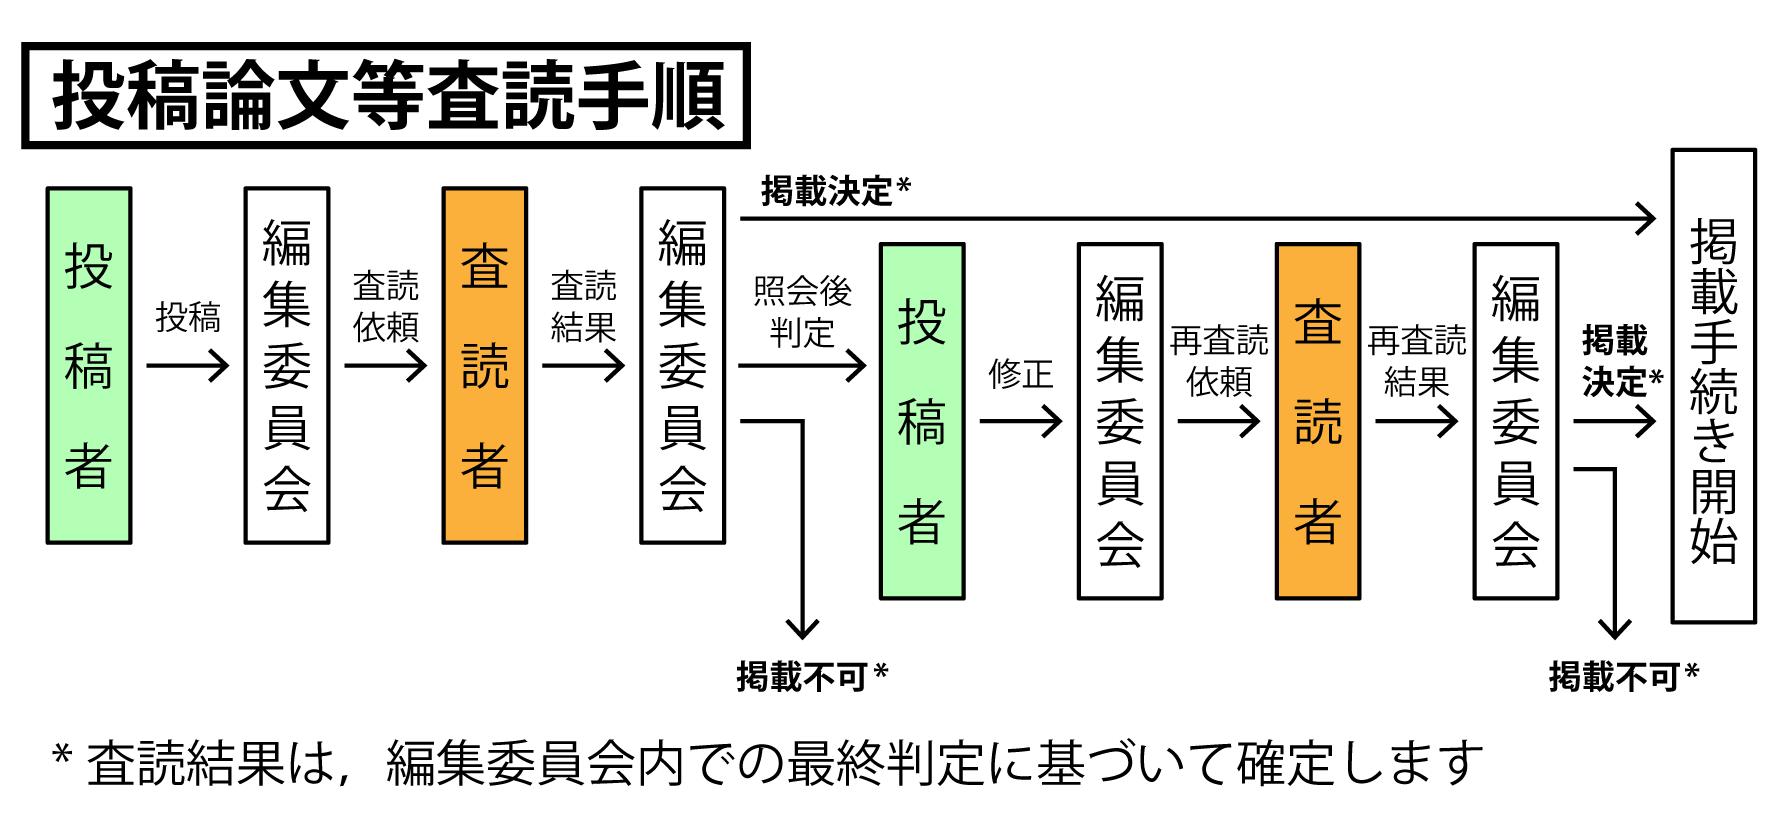 投稿論文等査読手順